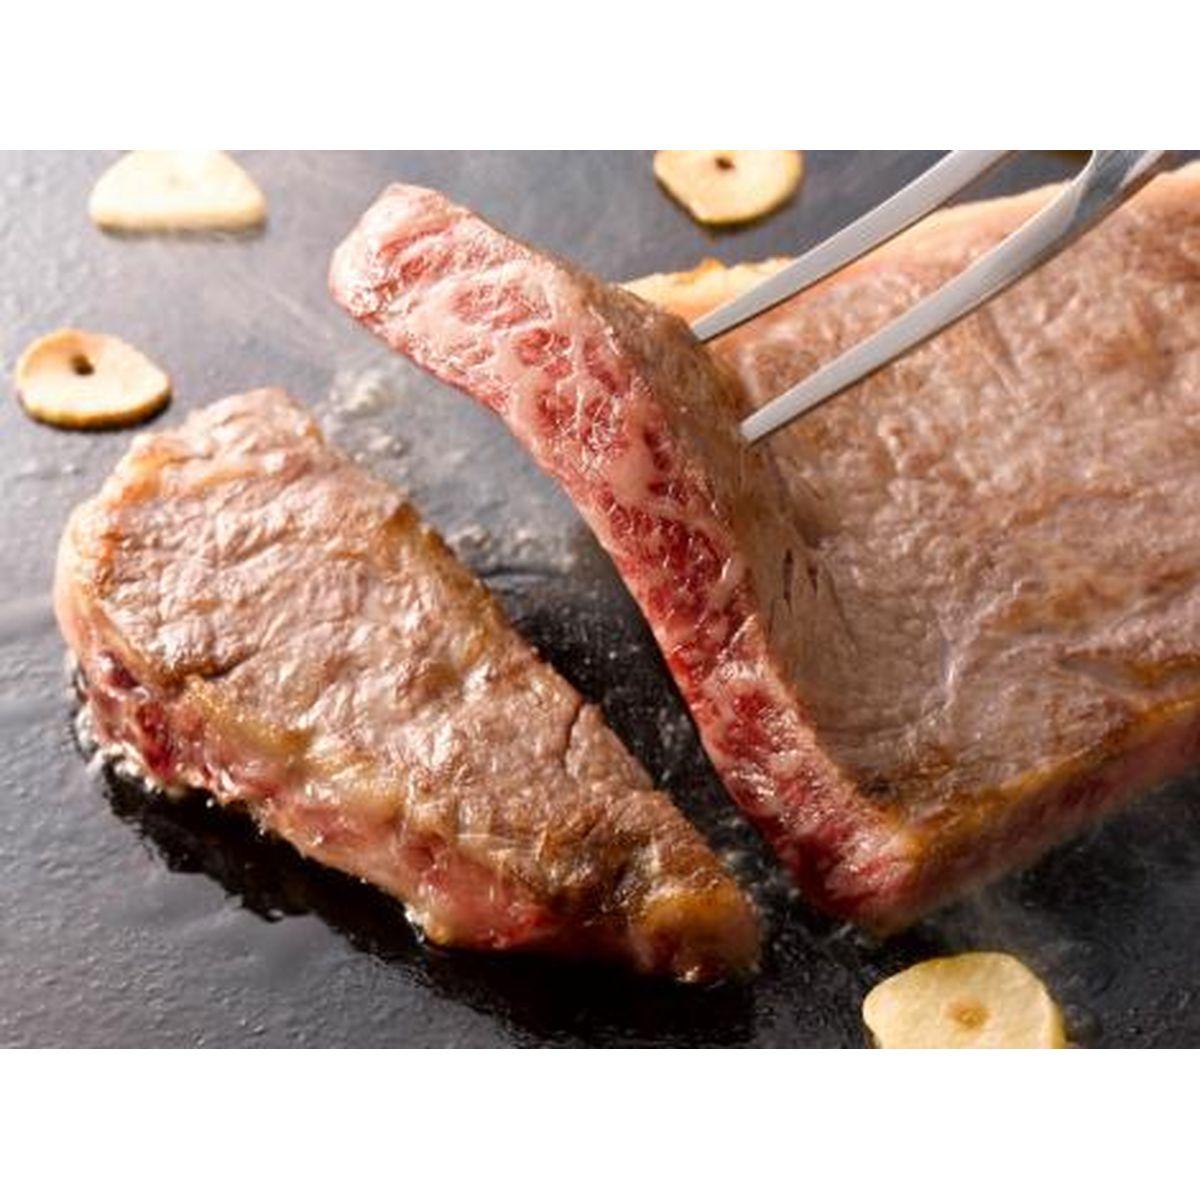 【送料無料】高橋畜産食肉 山形牛ステーキ食べ比べ800g肉だれ?橋付 牛サーロイン(2枚入)400g/牛リブロース(2枚入)400g 計800g